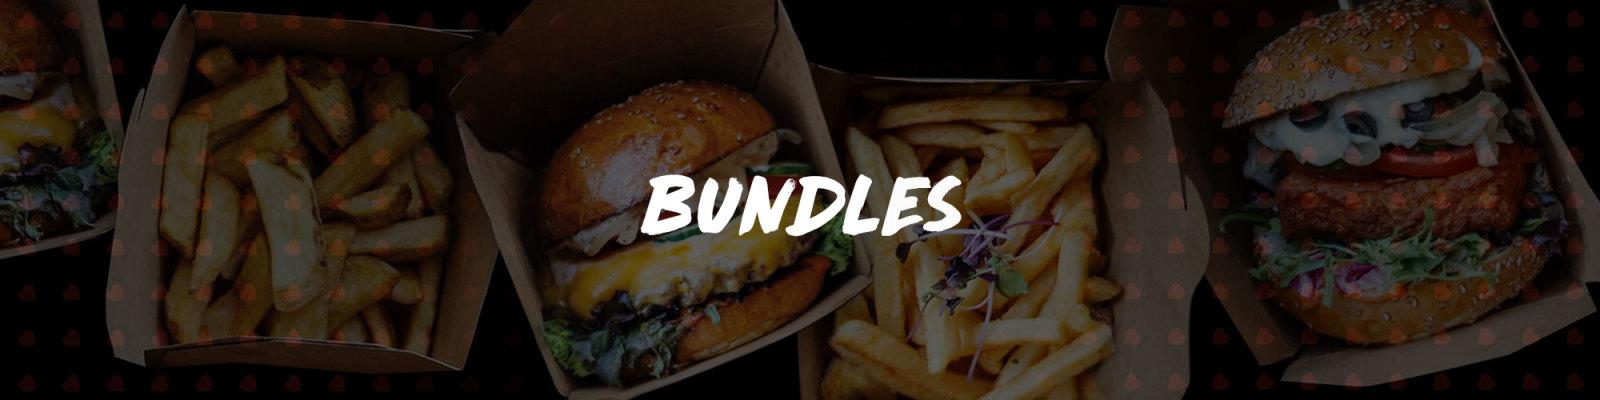 Burgerheart Warengruppenbild